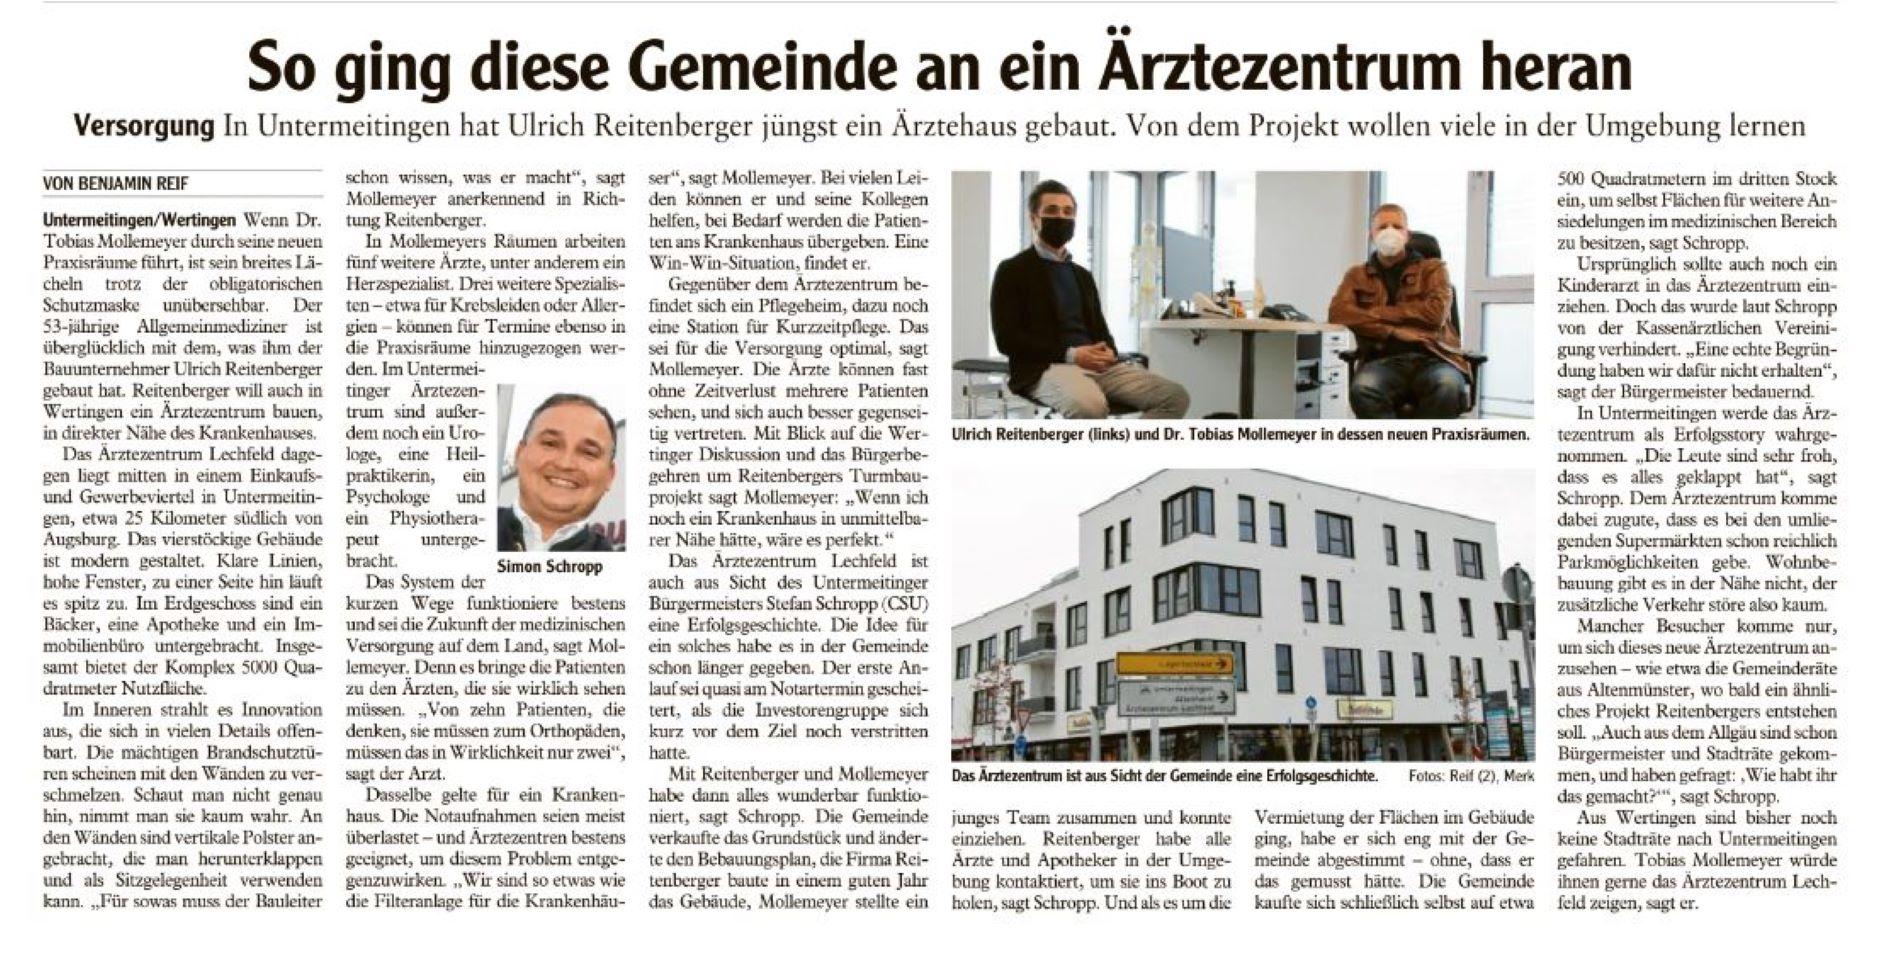 Artikel der Augsburger Allgemeinen LK Dillingen vom 09.01.2021